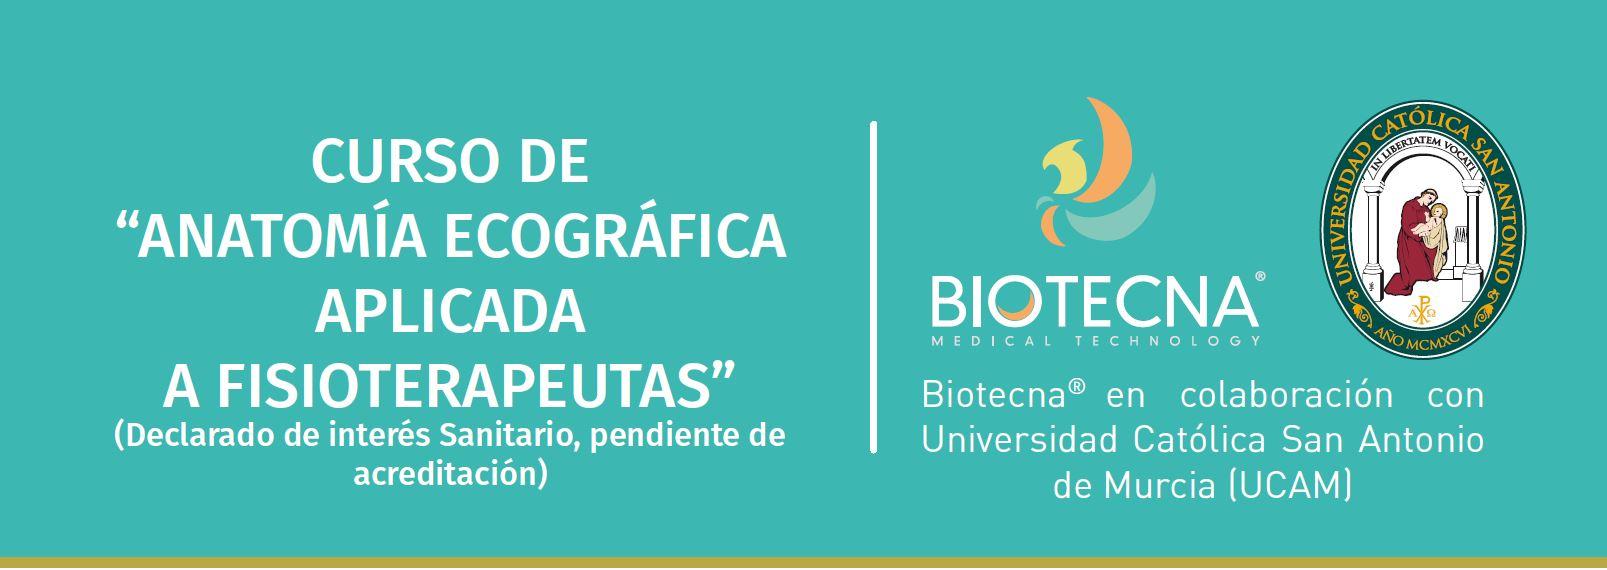 Biotecna. CURSO DE ANATOMÍA